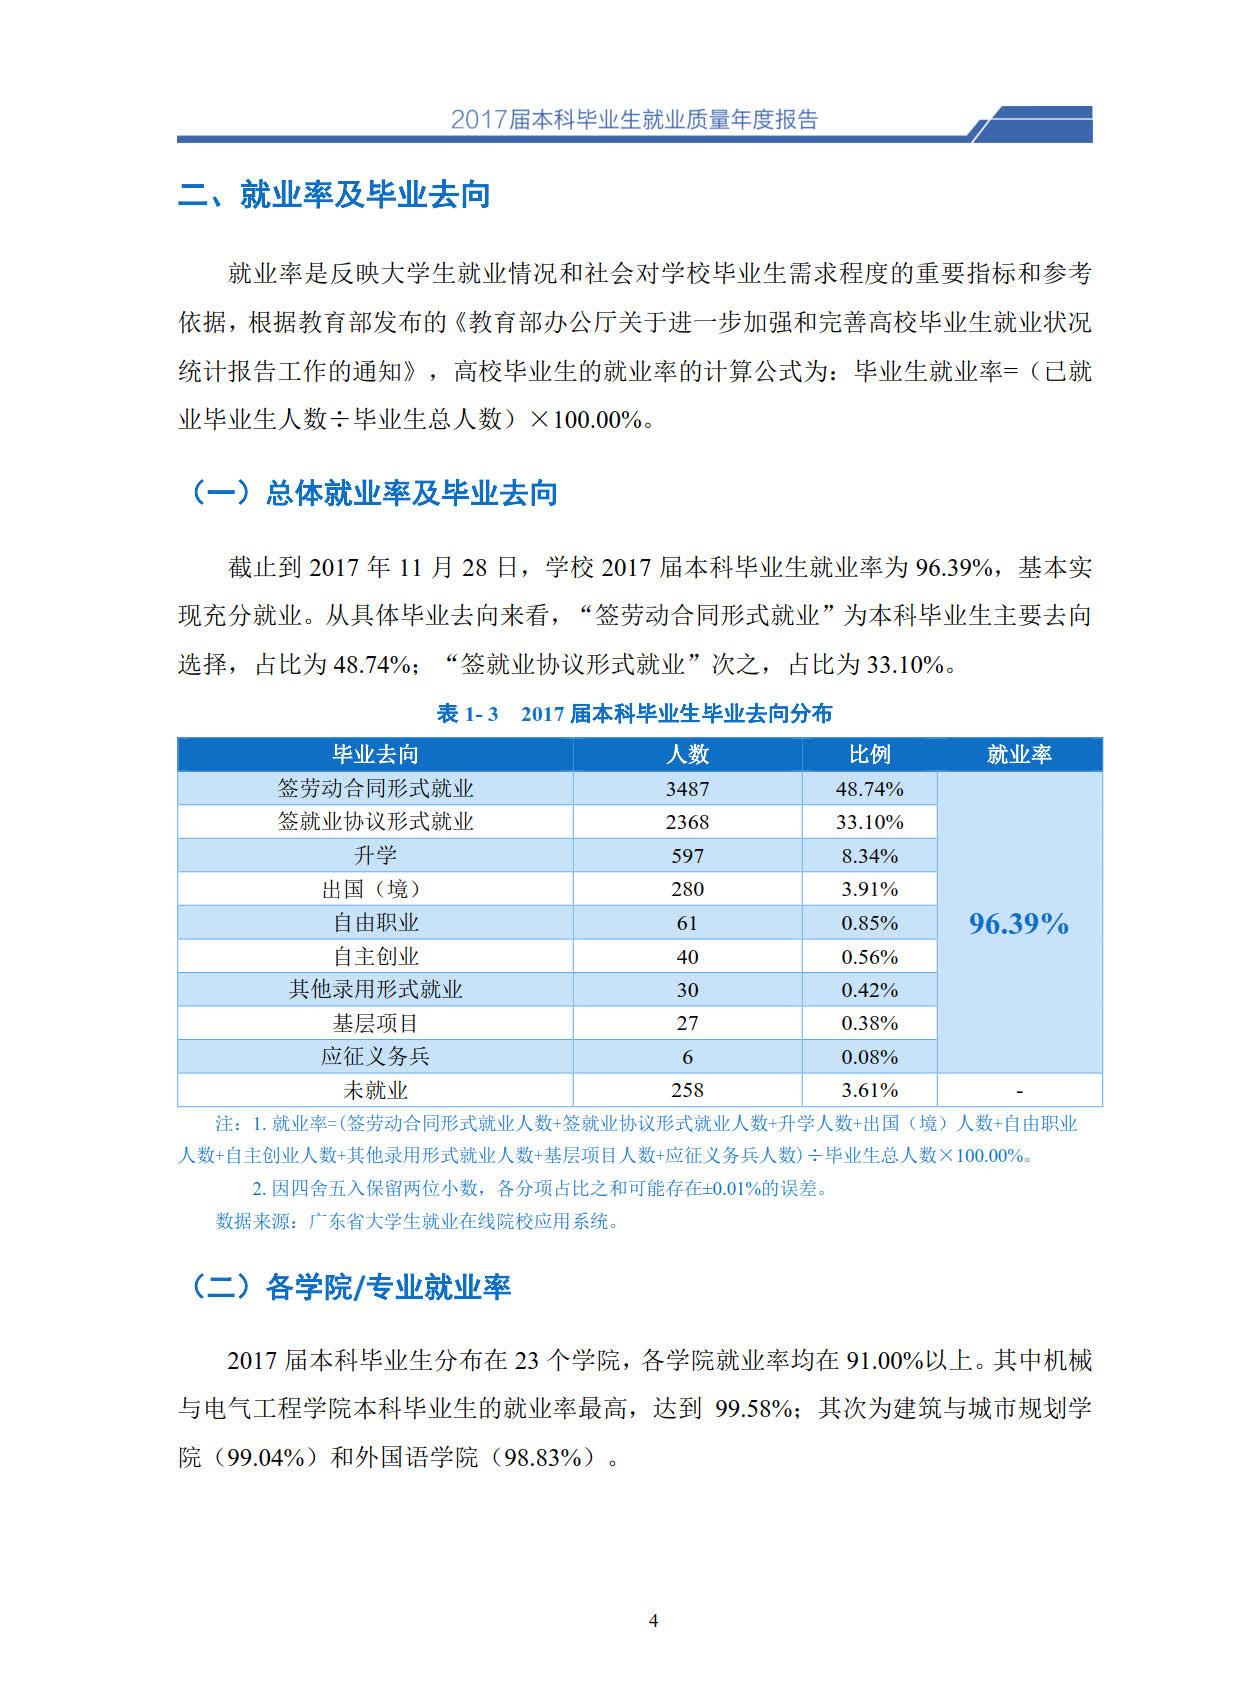 广州大学2017届本科毕业生最终就业情况统计表